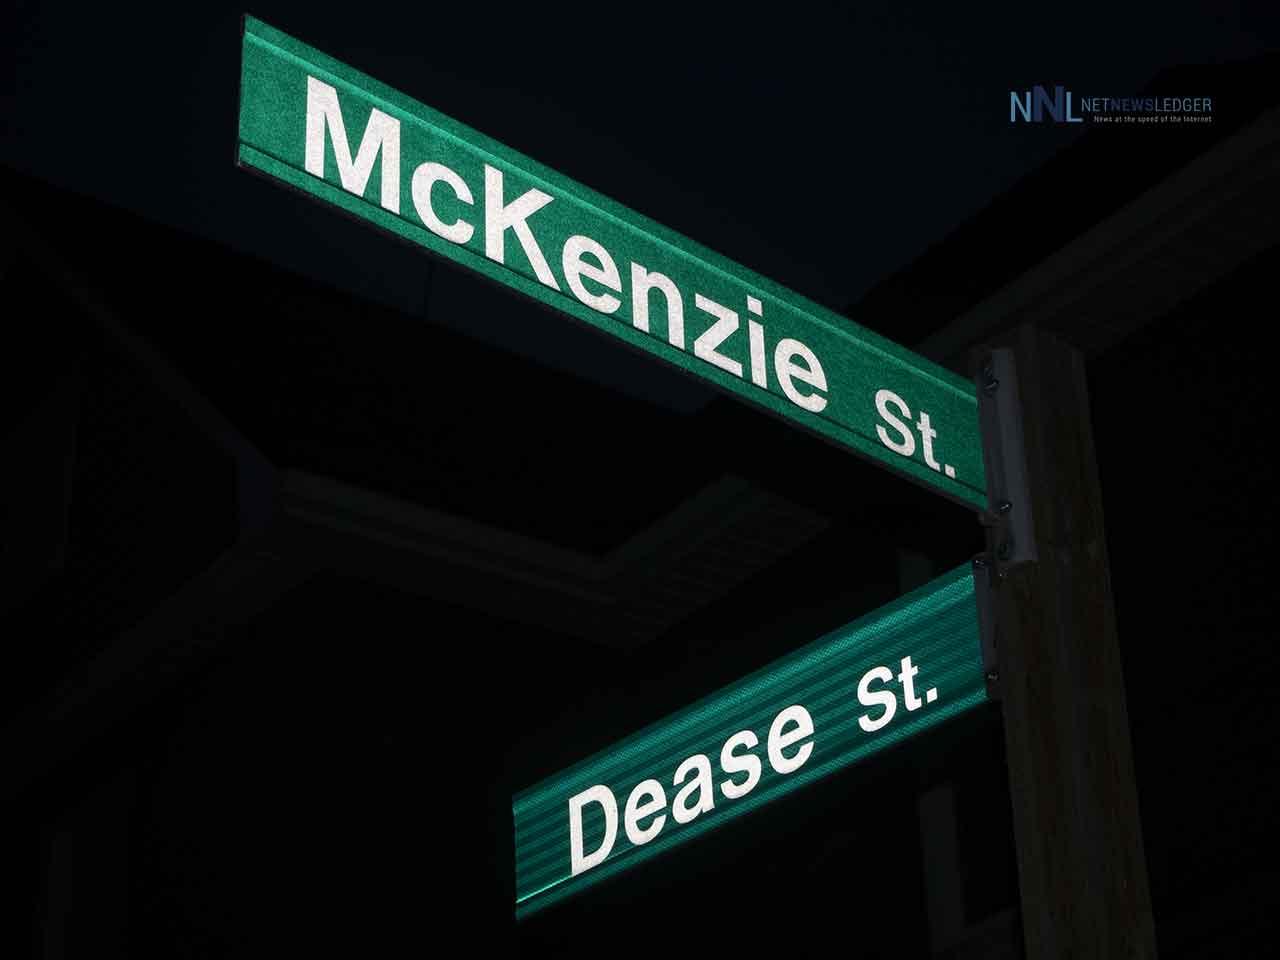 Dease and MacKenzie Street